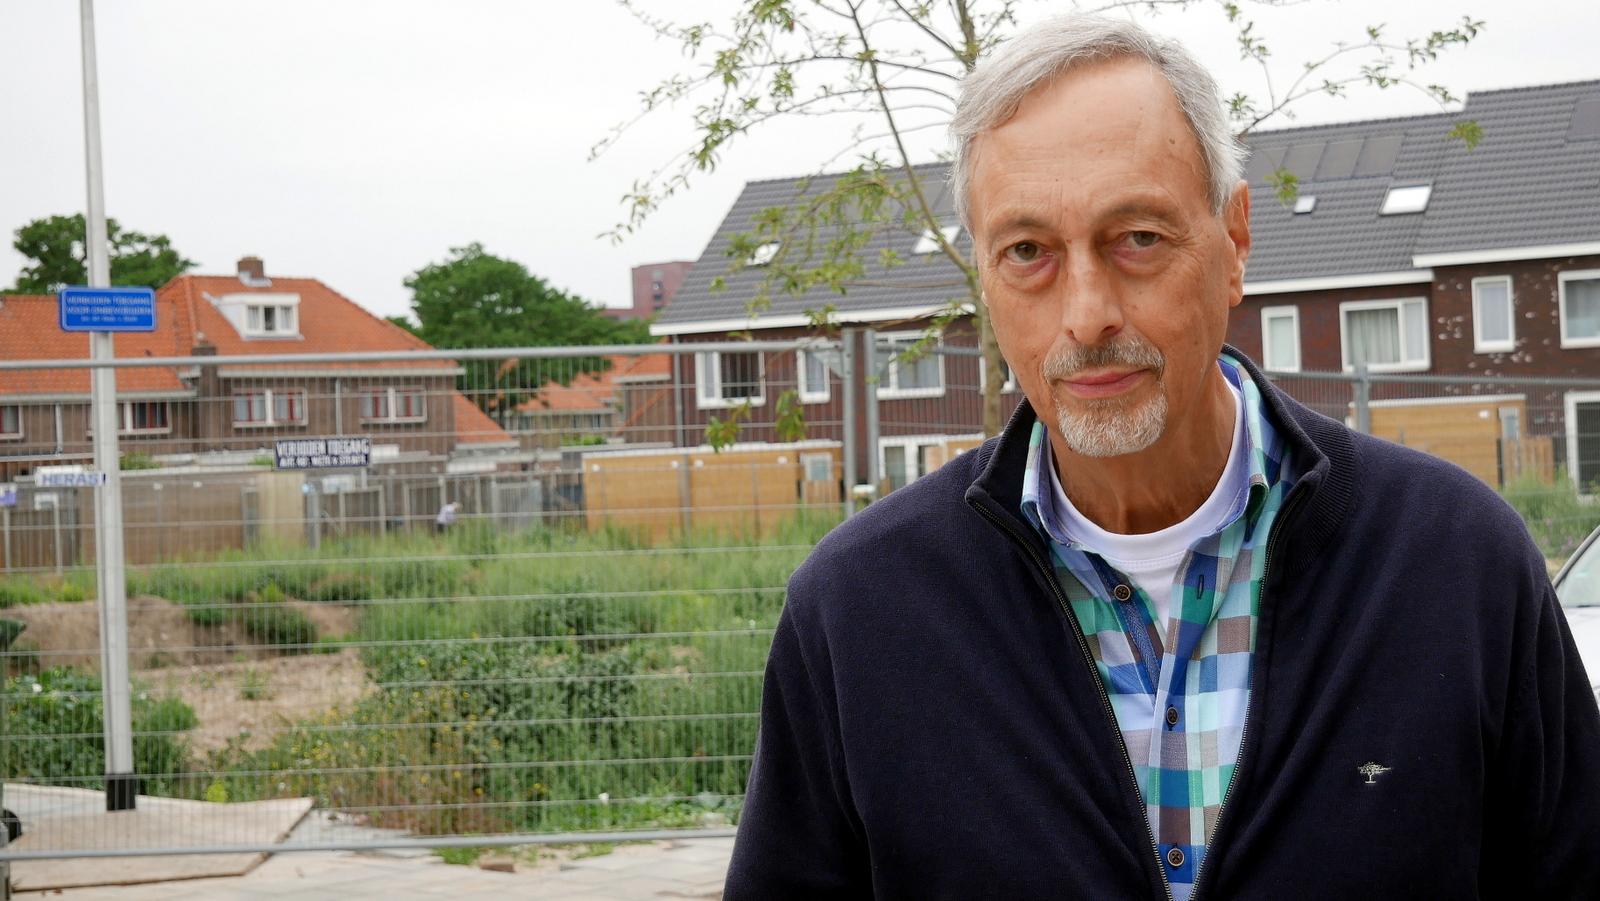 Terug naar de Wolfskuil met Jan Hendriks